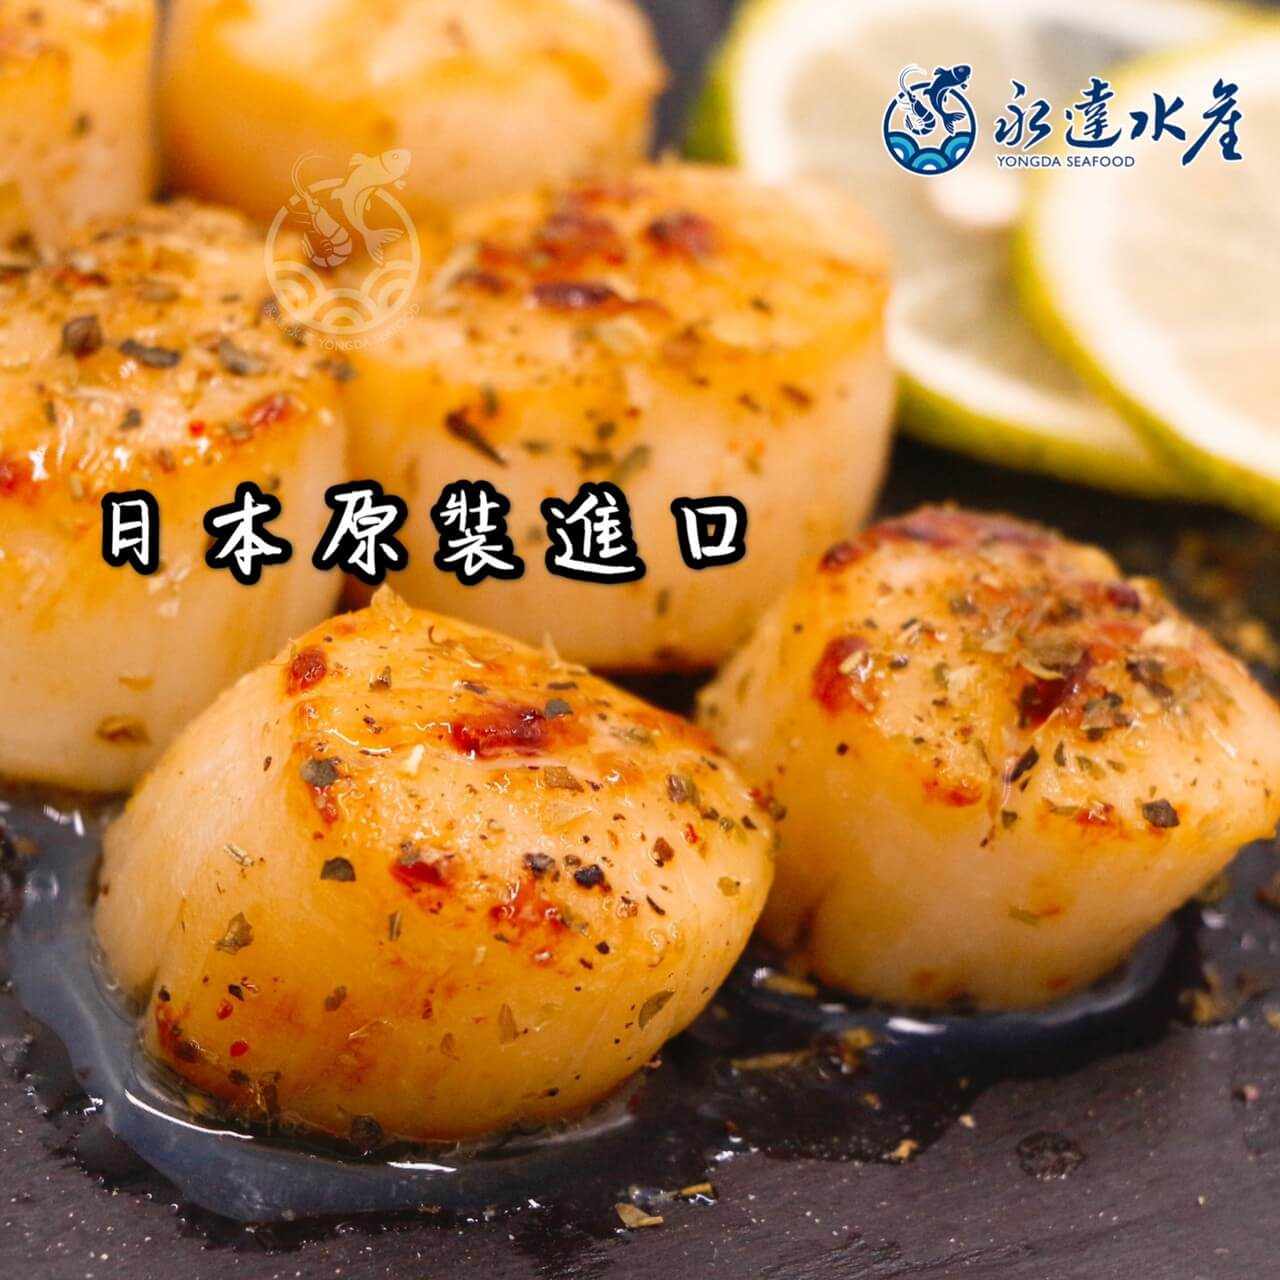 水產|海鮮|日本原裝干貝|干貝|乾貝|甘貝|玉珧|元貝|珧柱|江珧柱|瑤柱|江瑤柱|乾瑤柱|帶子|貝肉|貝